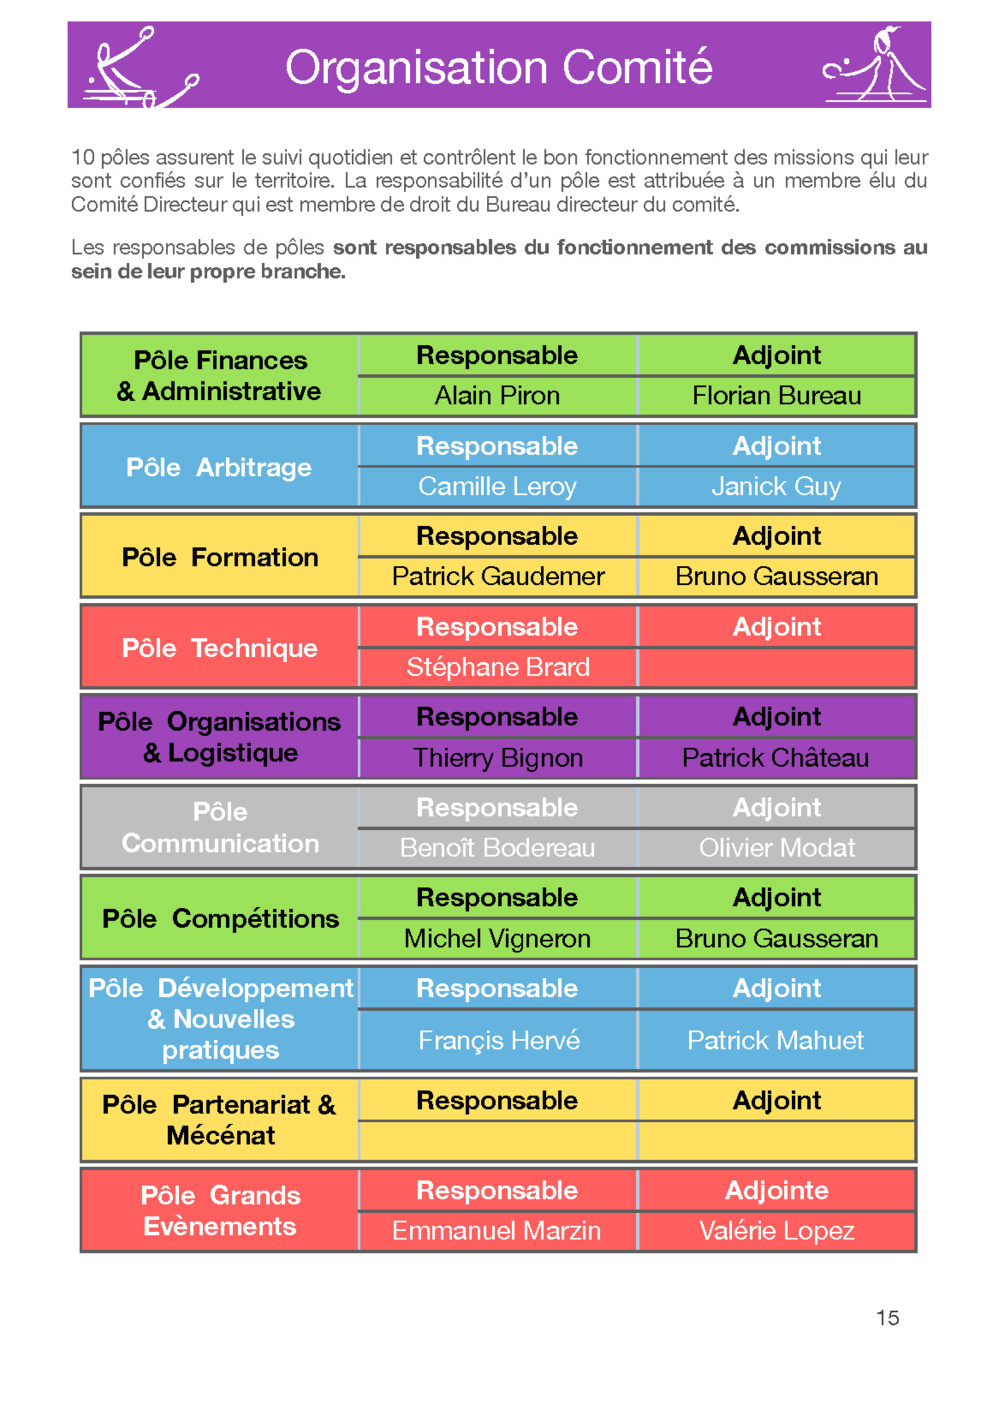 Composition et fonctionnement des pôles